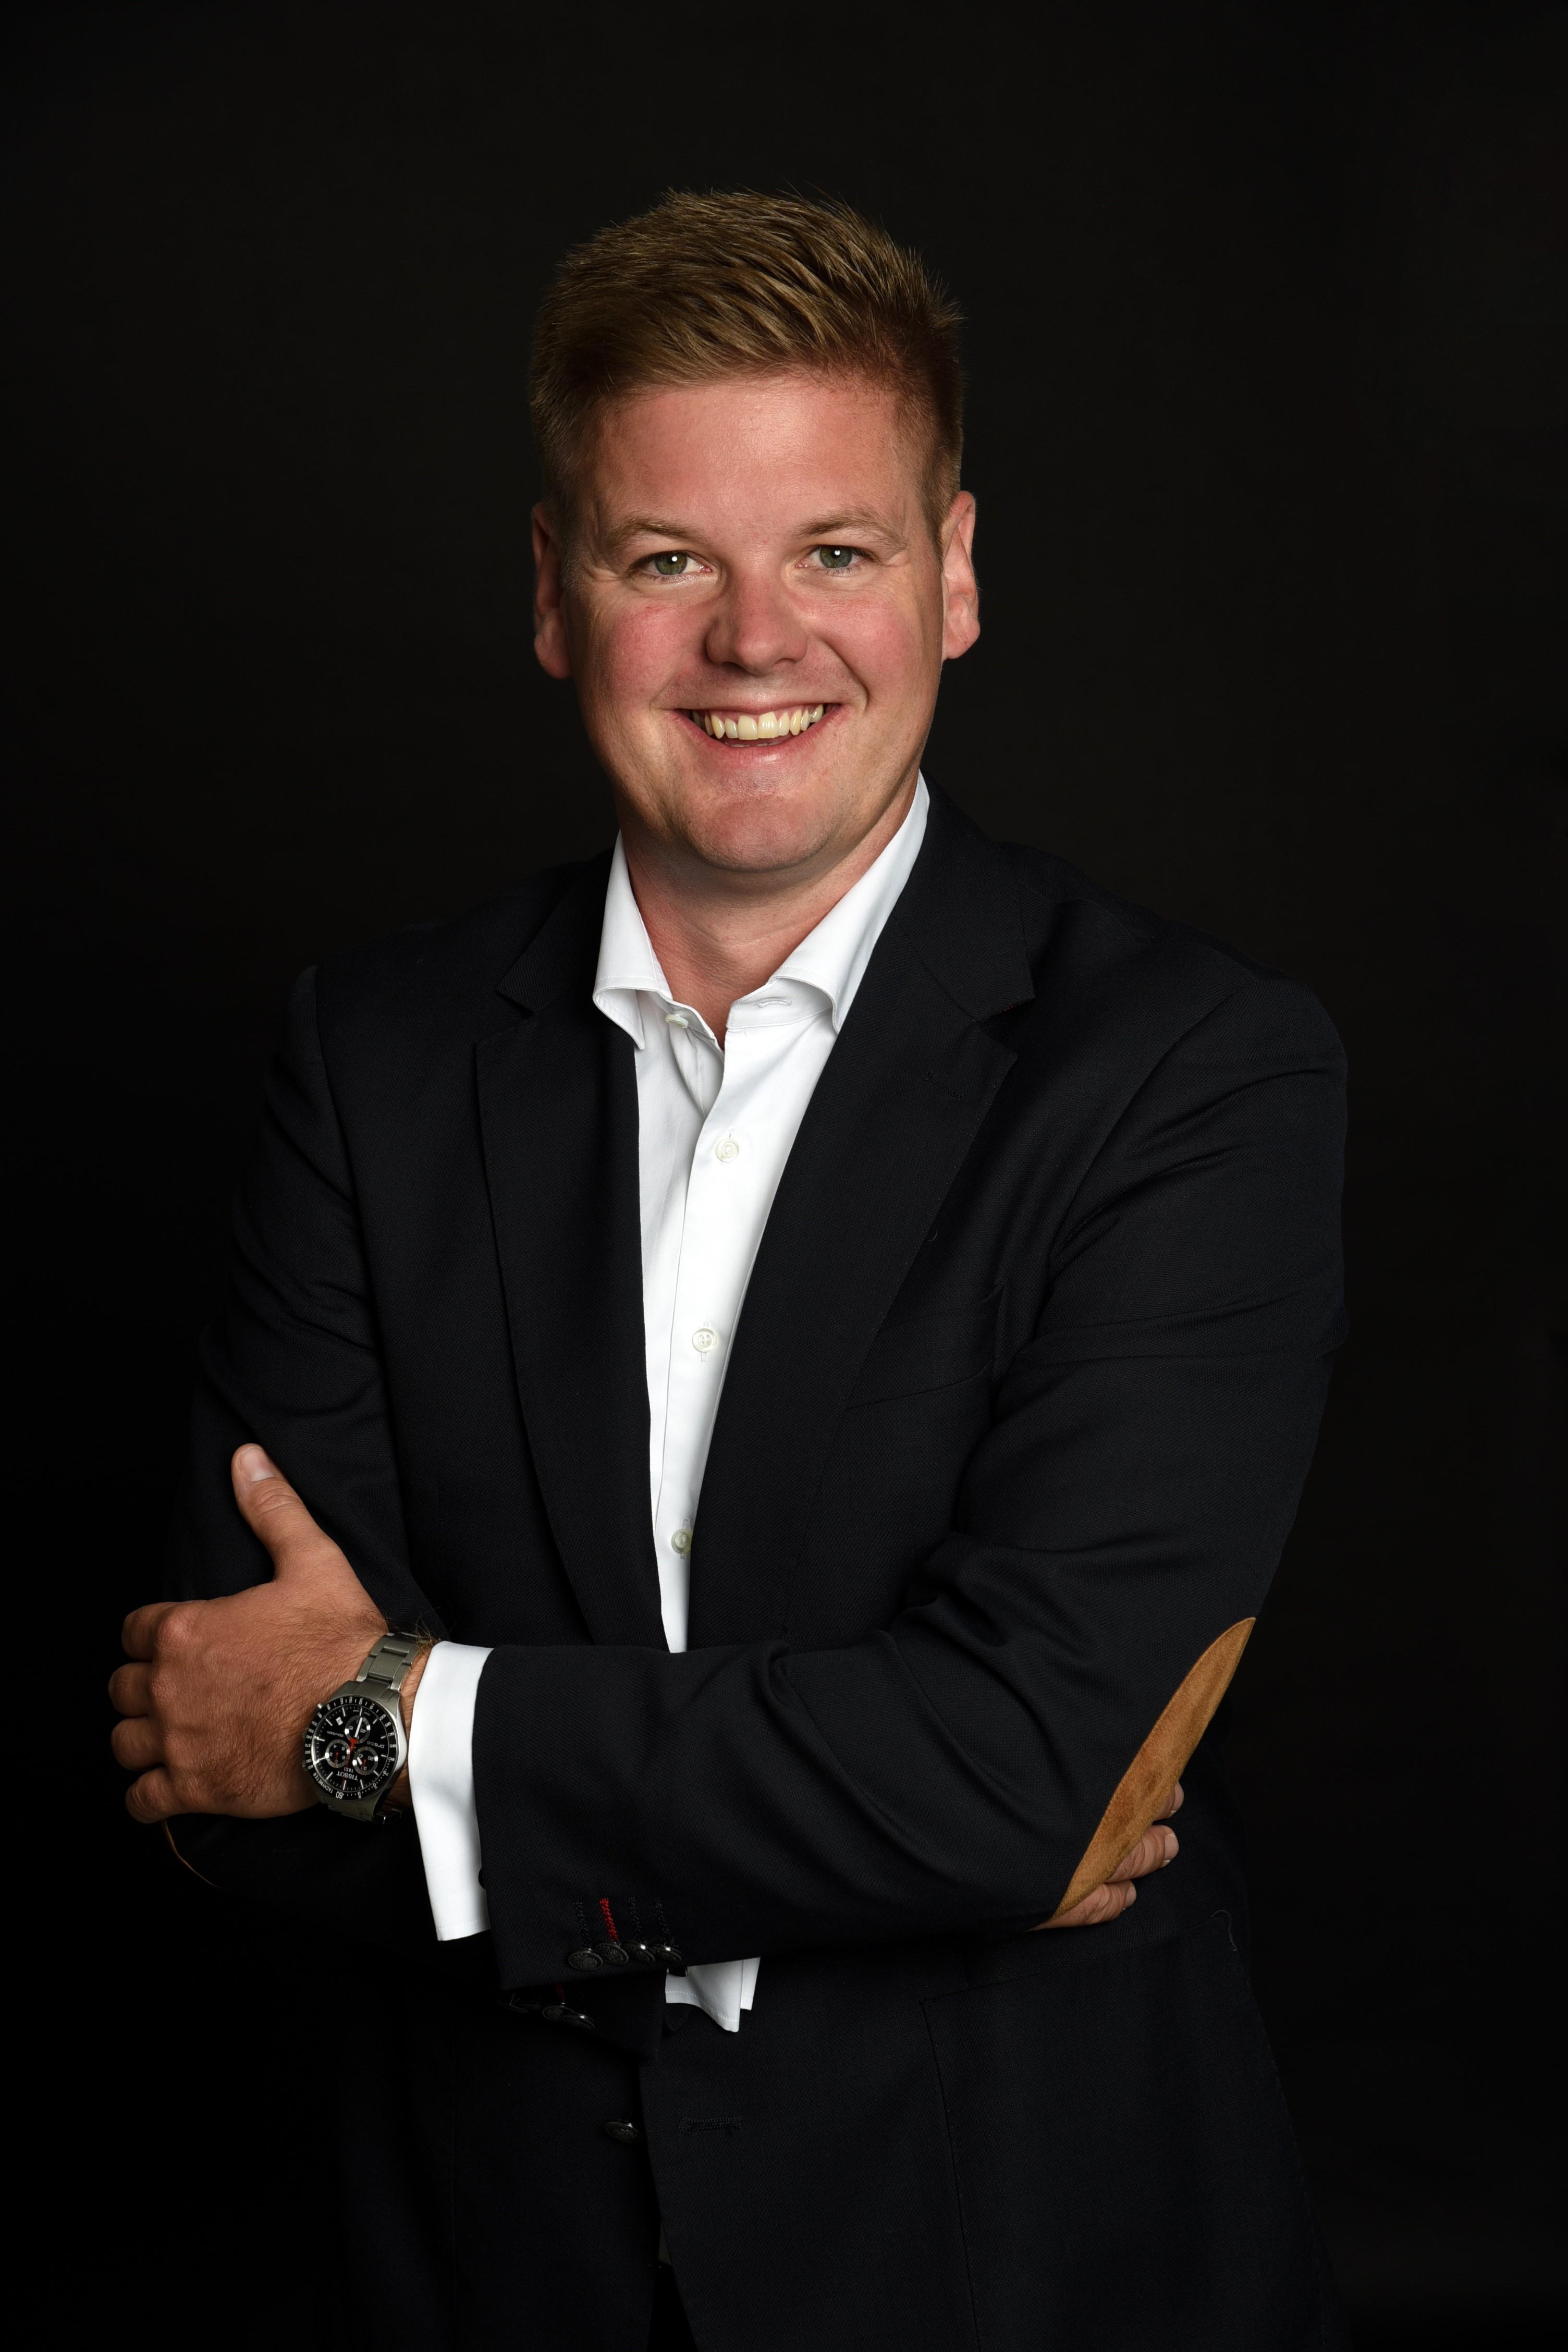 Christian Pahlke